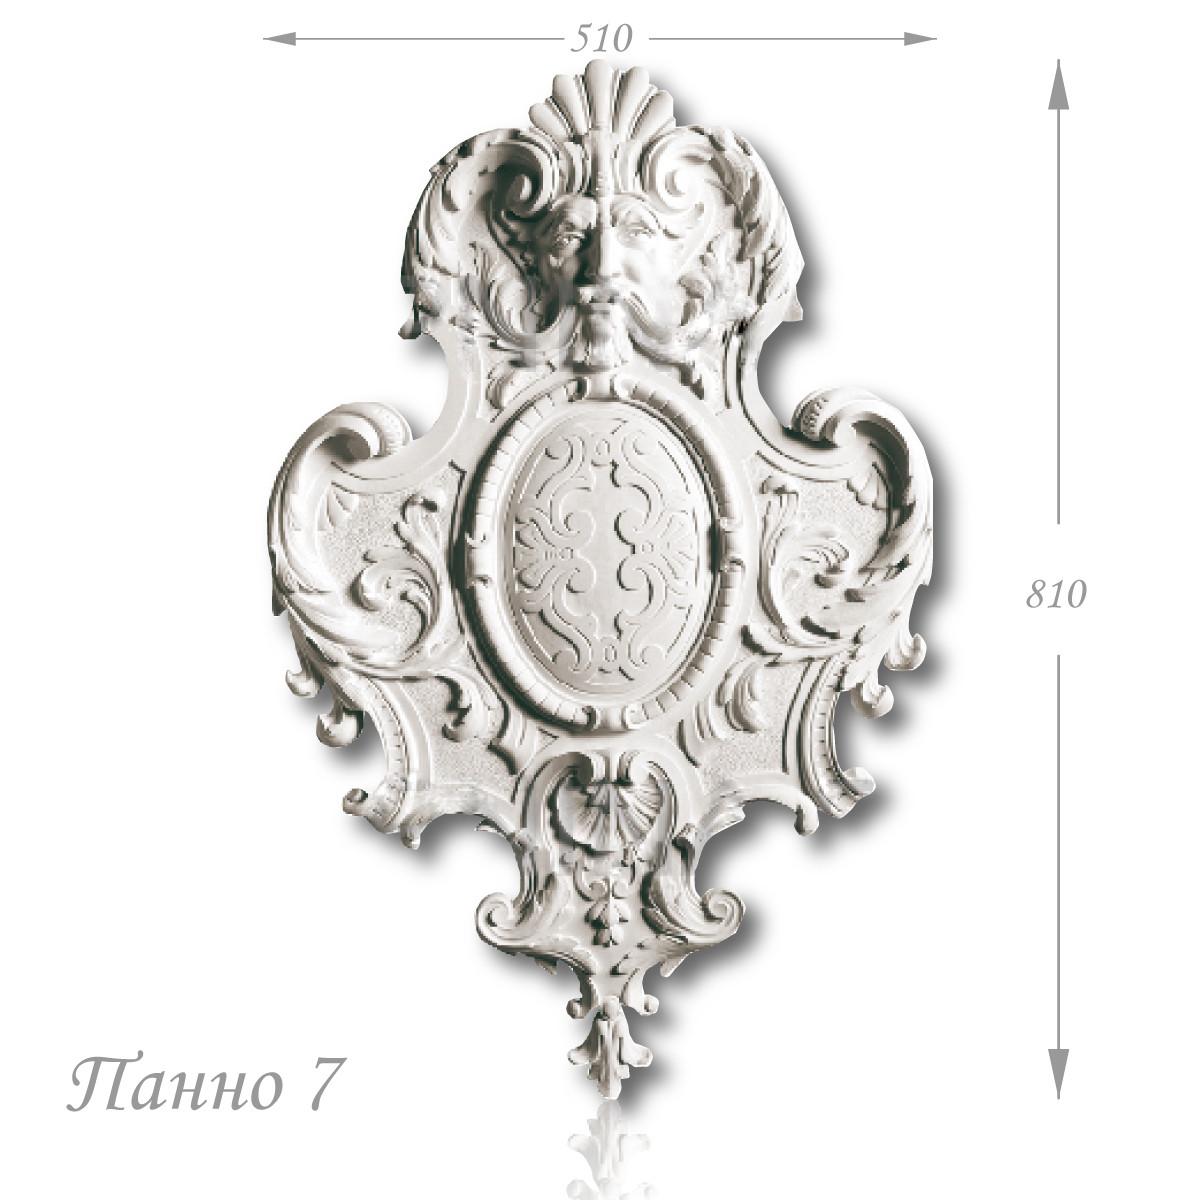 Панно 7